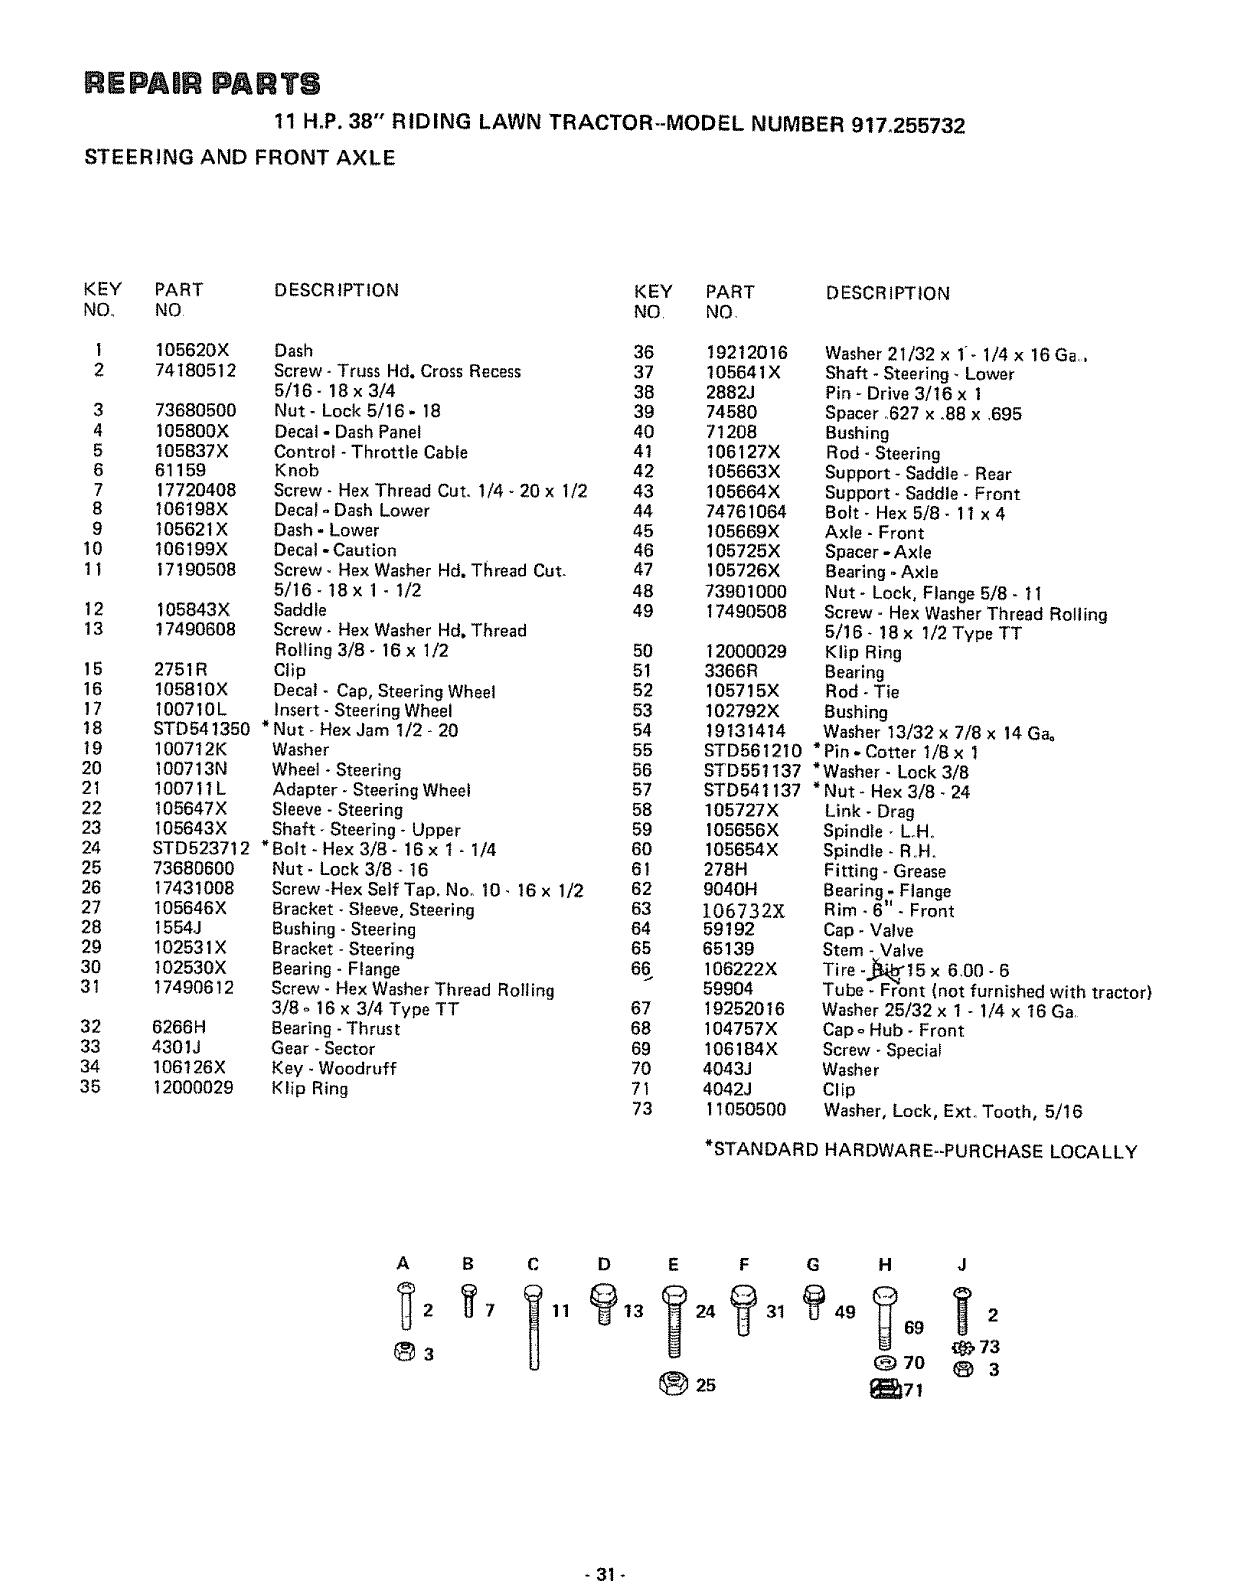 Craftsman 917255732 User Manual 11 H.P. 38 INCH RIDING